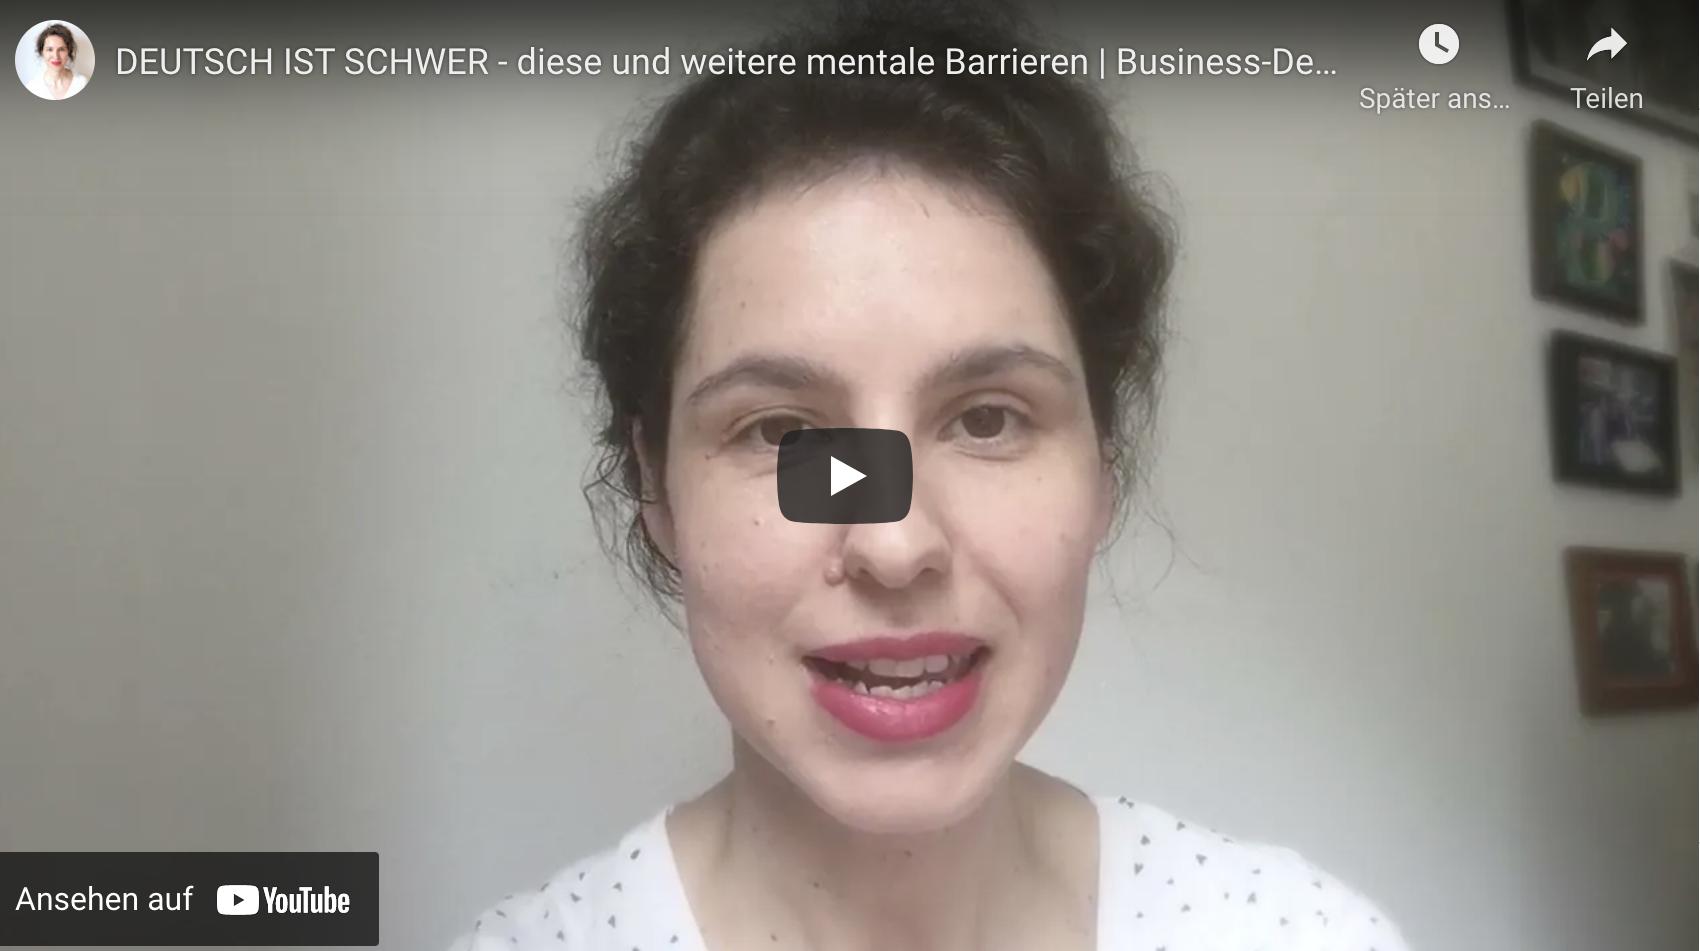 Deutsch ist schwer – diese und weitere mentale Barrieren